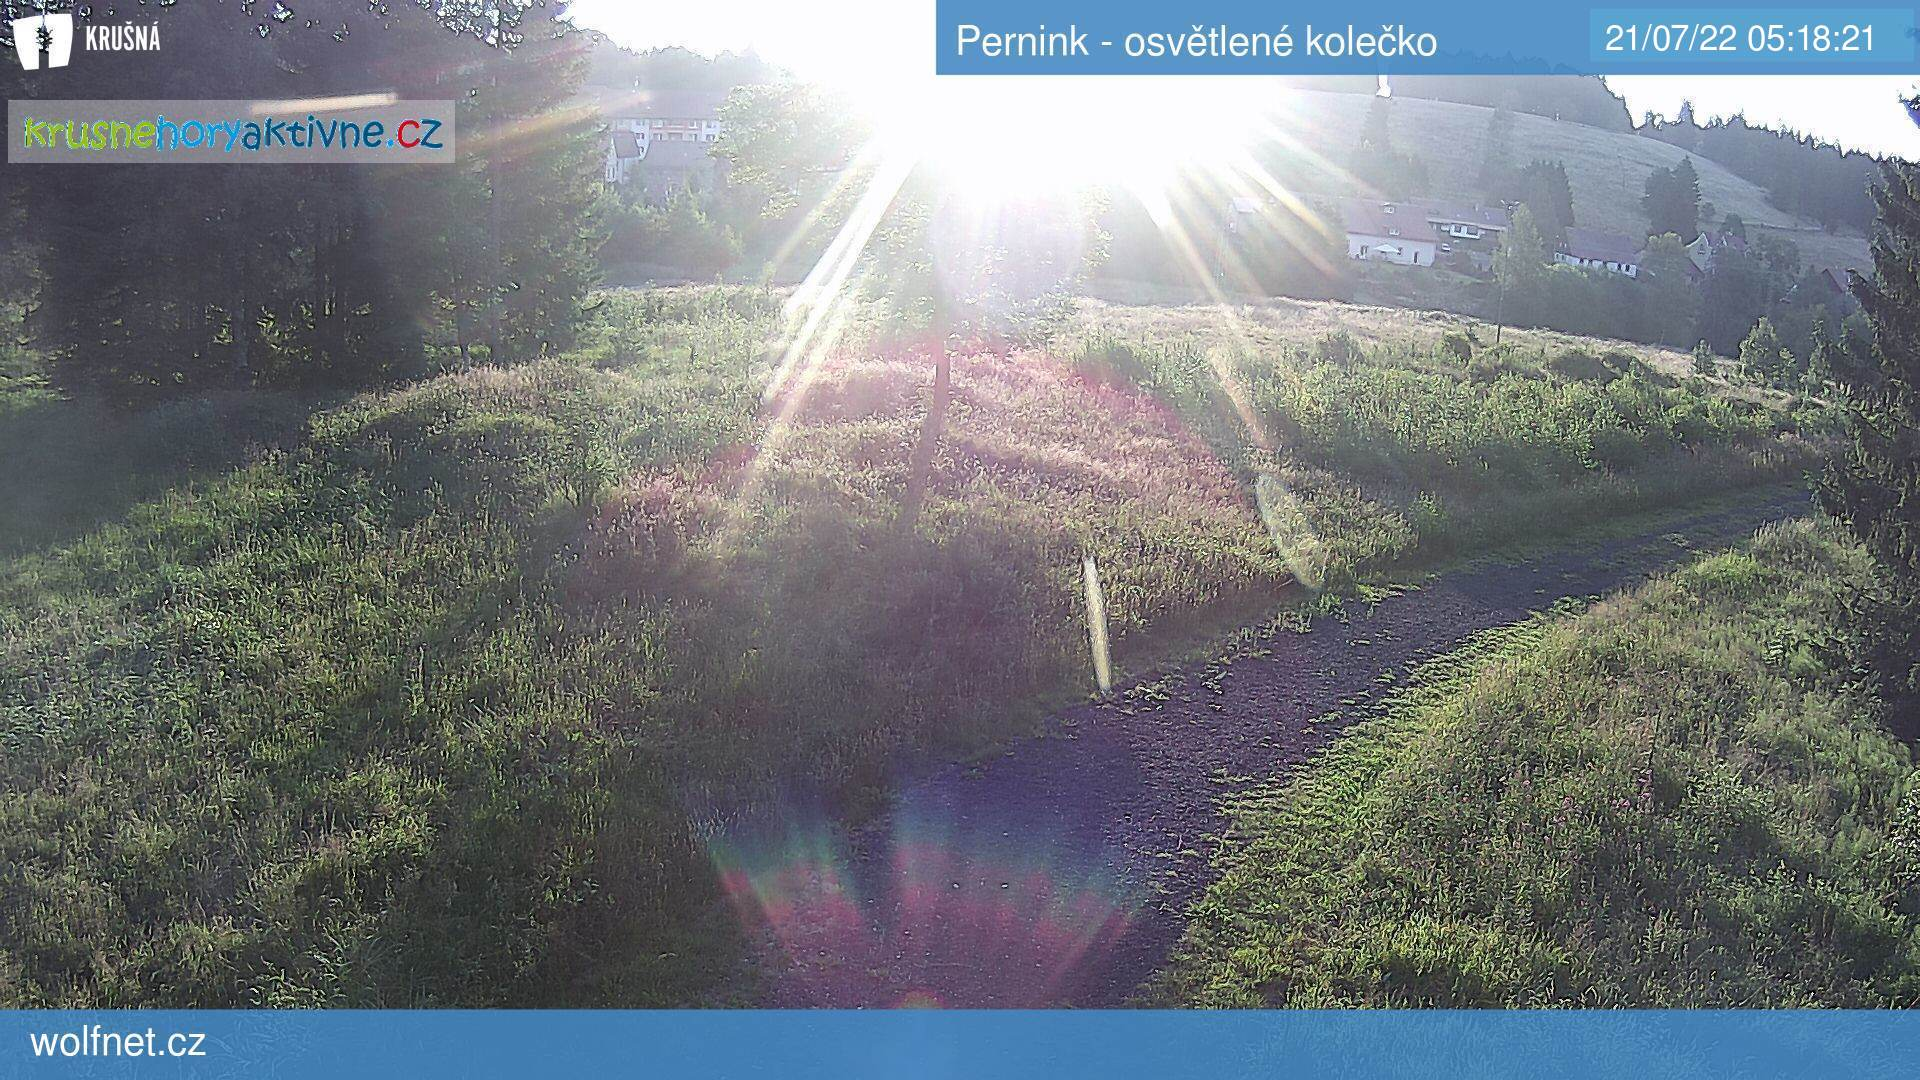 Webkamera Pernink - běžkařská dráha